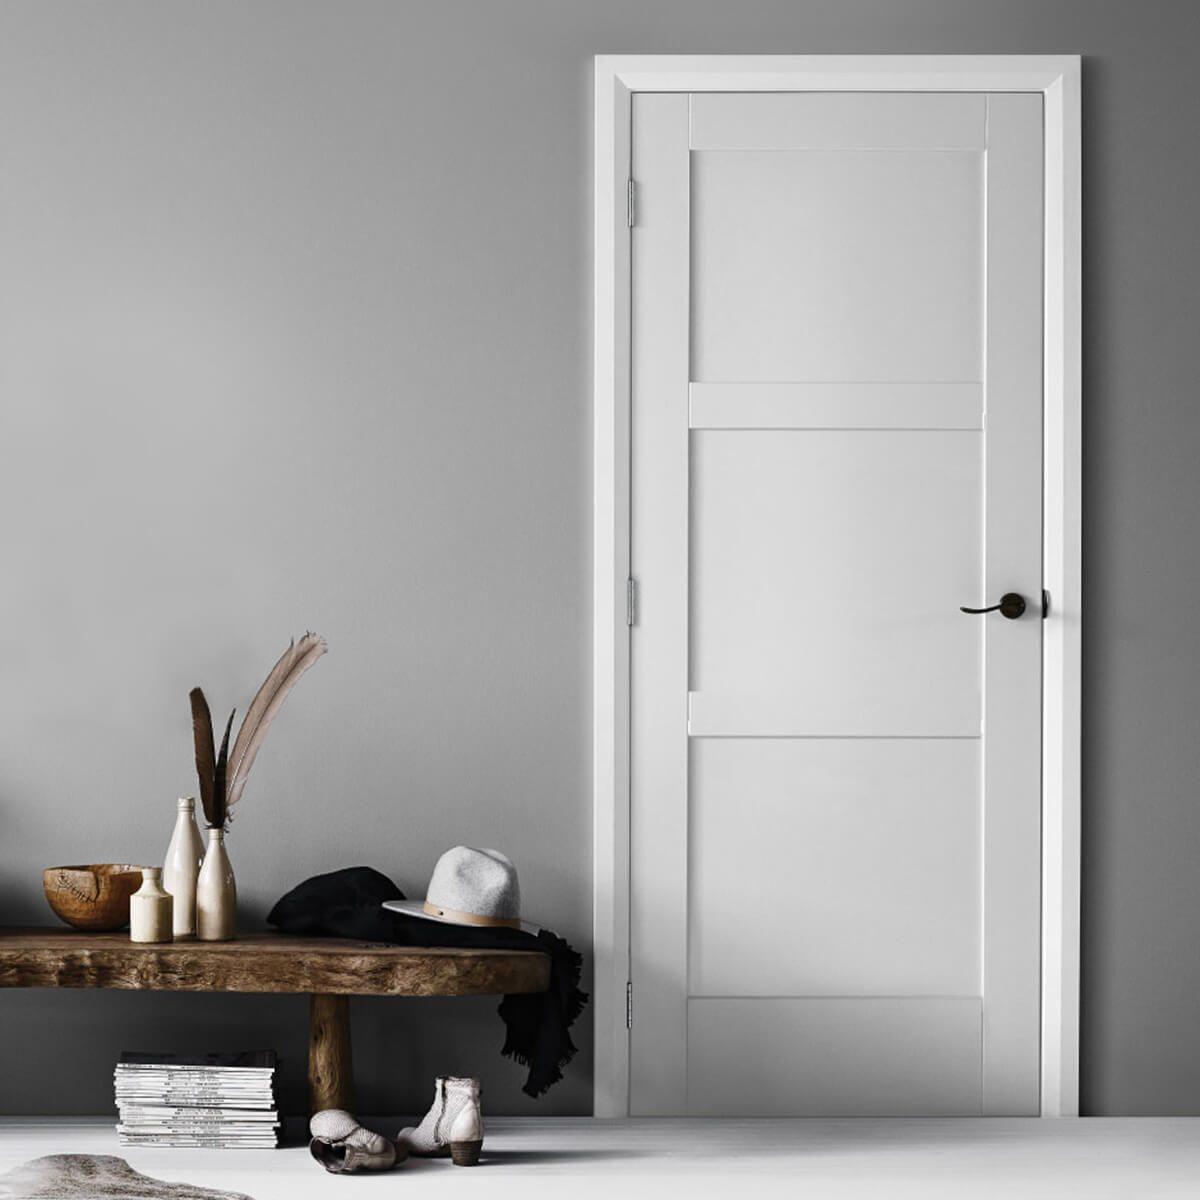 Jeld-wen flat panel door